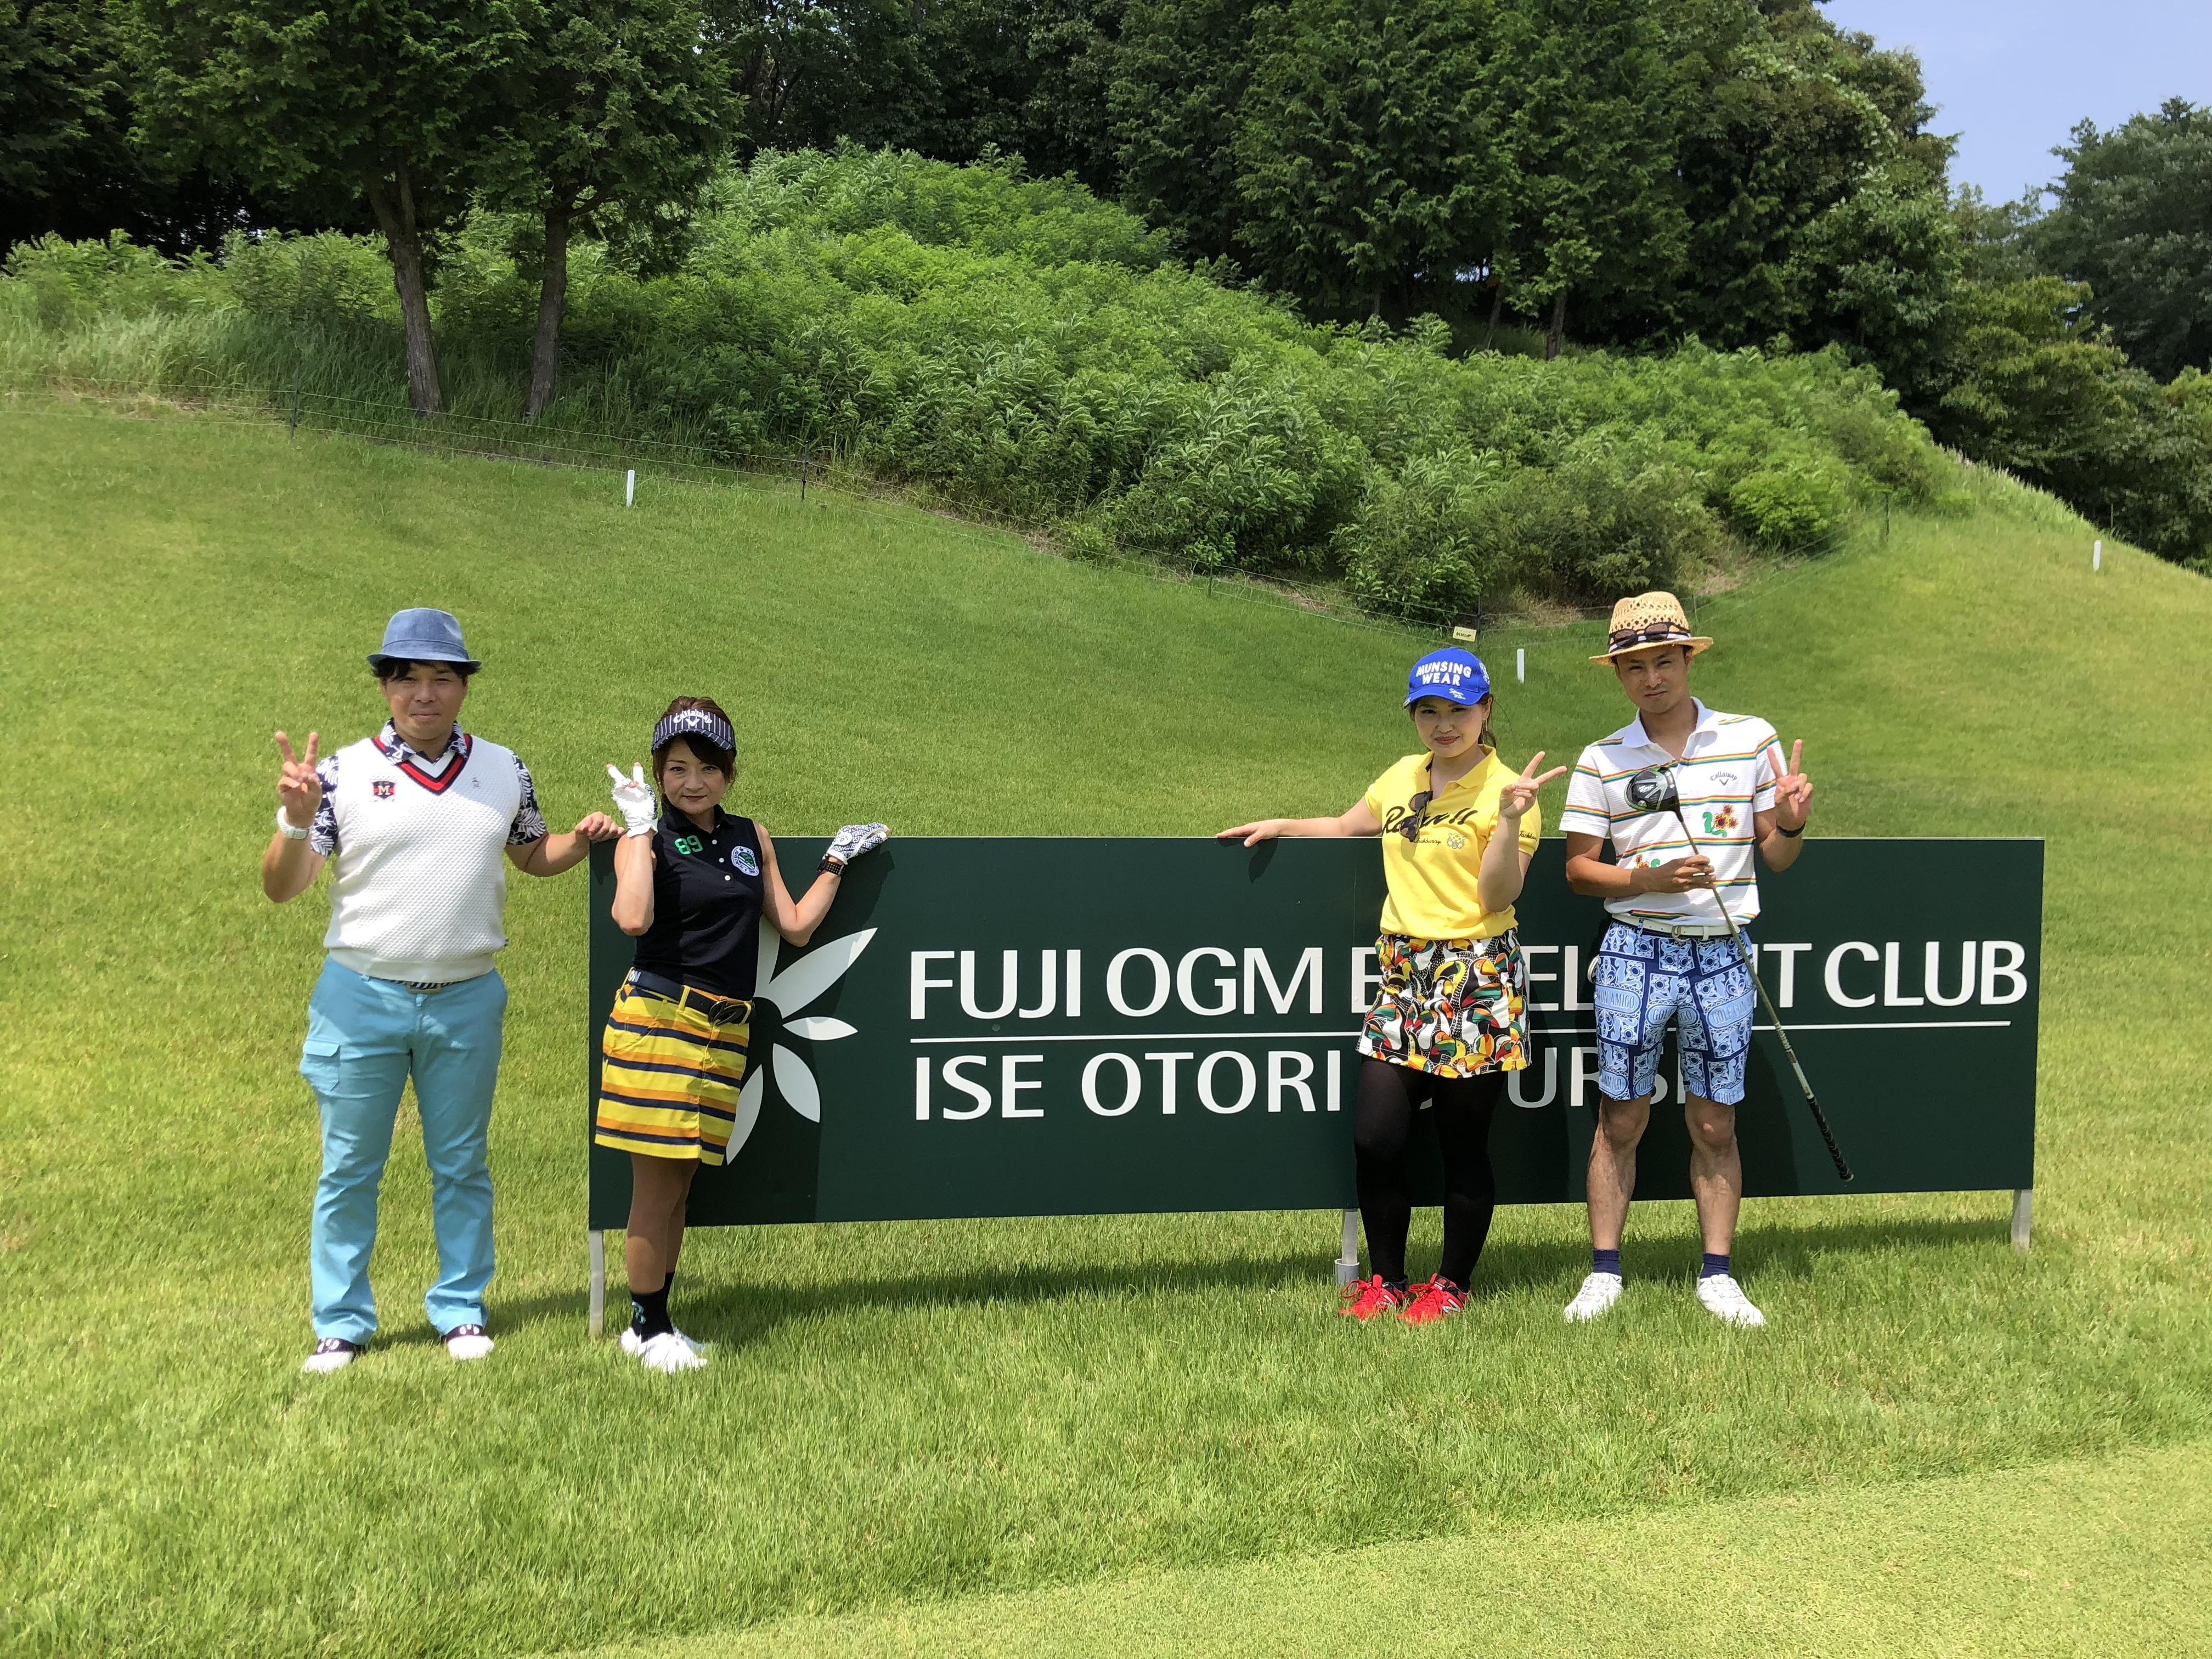 エクセレント ゴルフ クラブ 伊勢 大鷲 コース